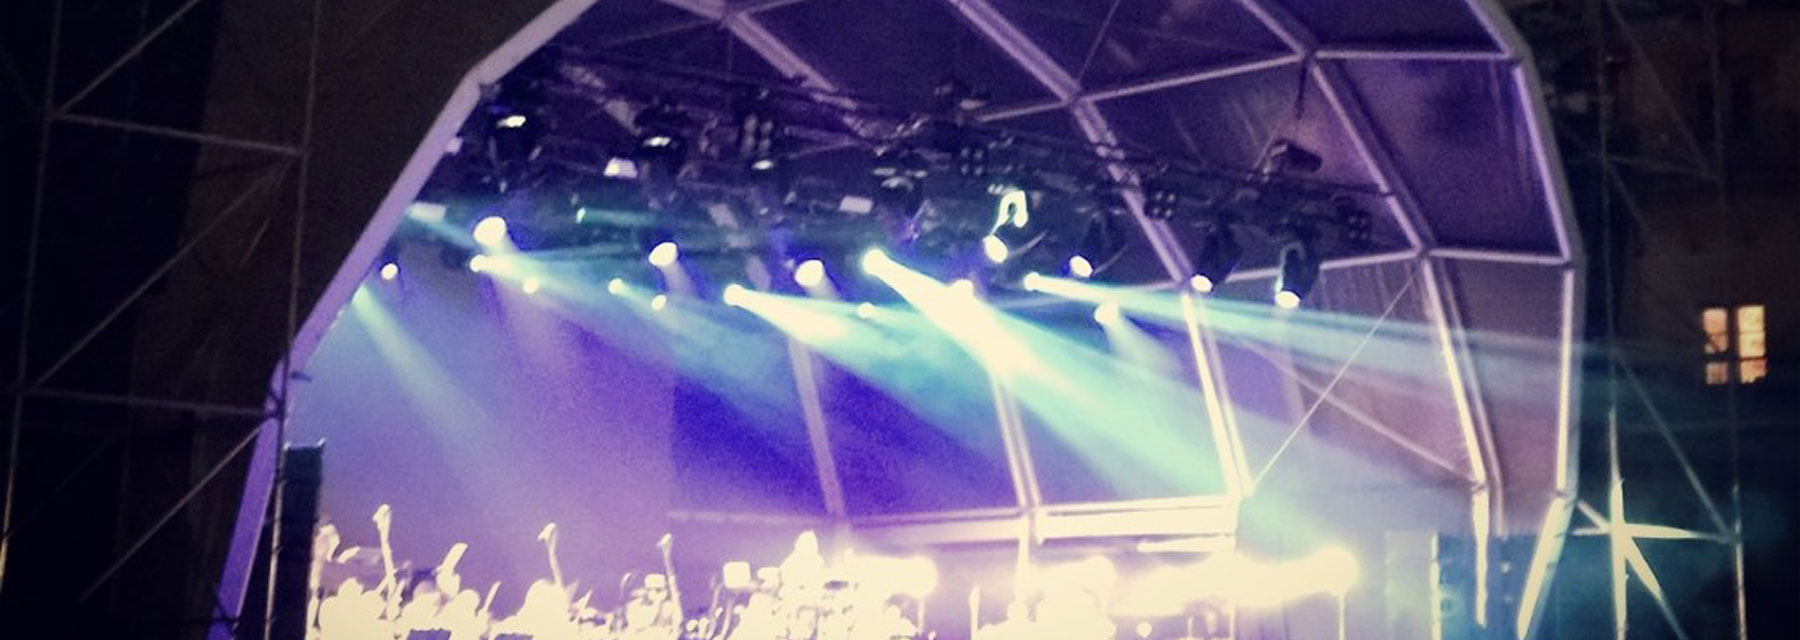 Primavera Sound Festival 2015